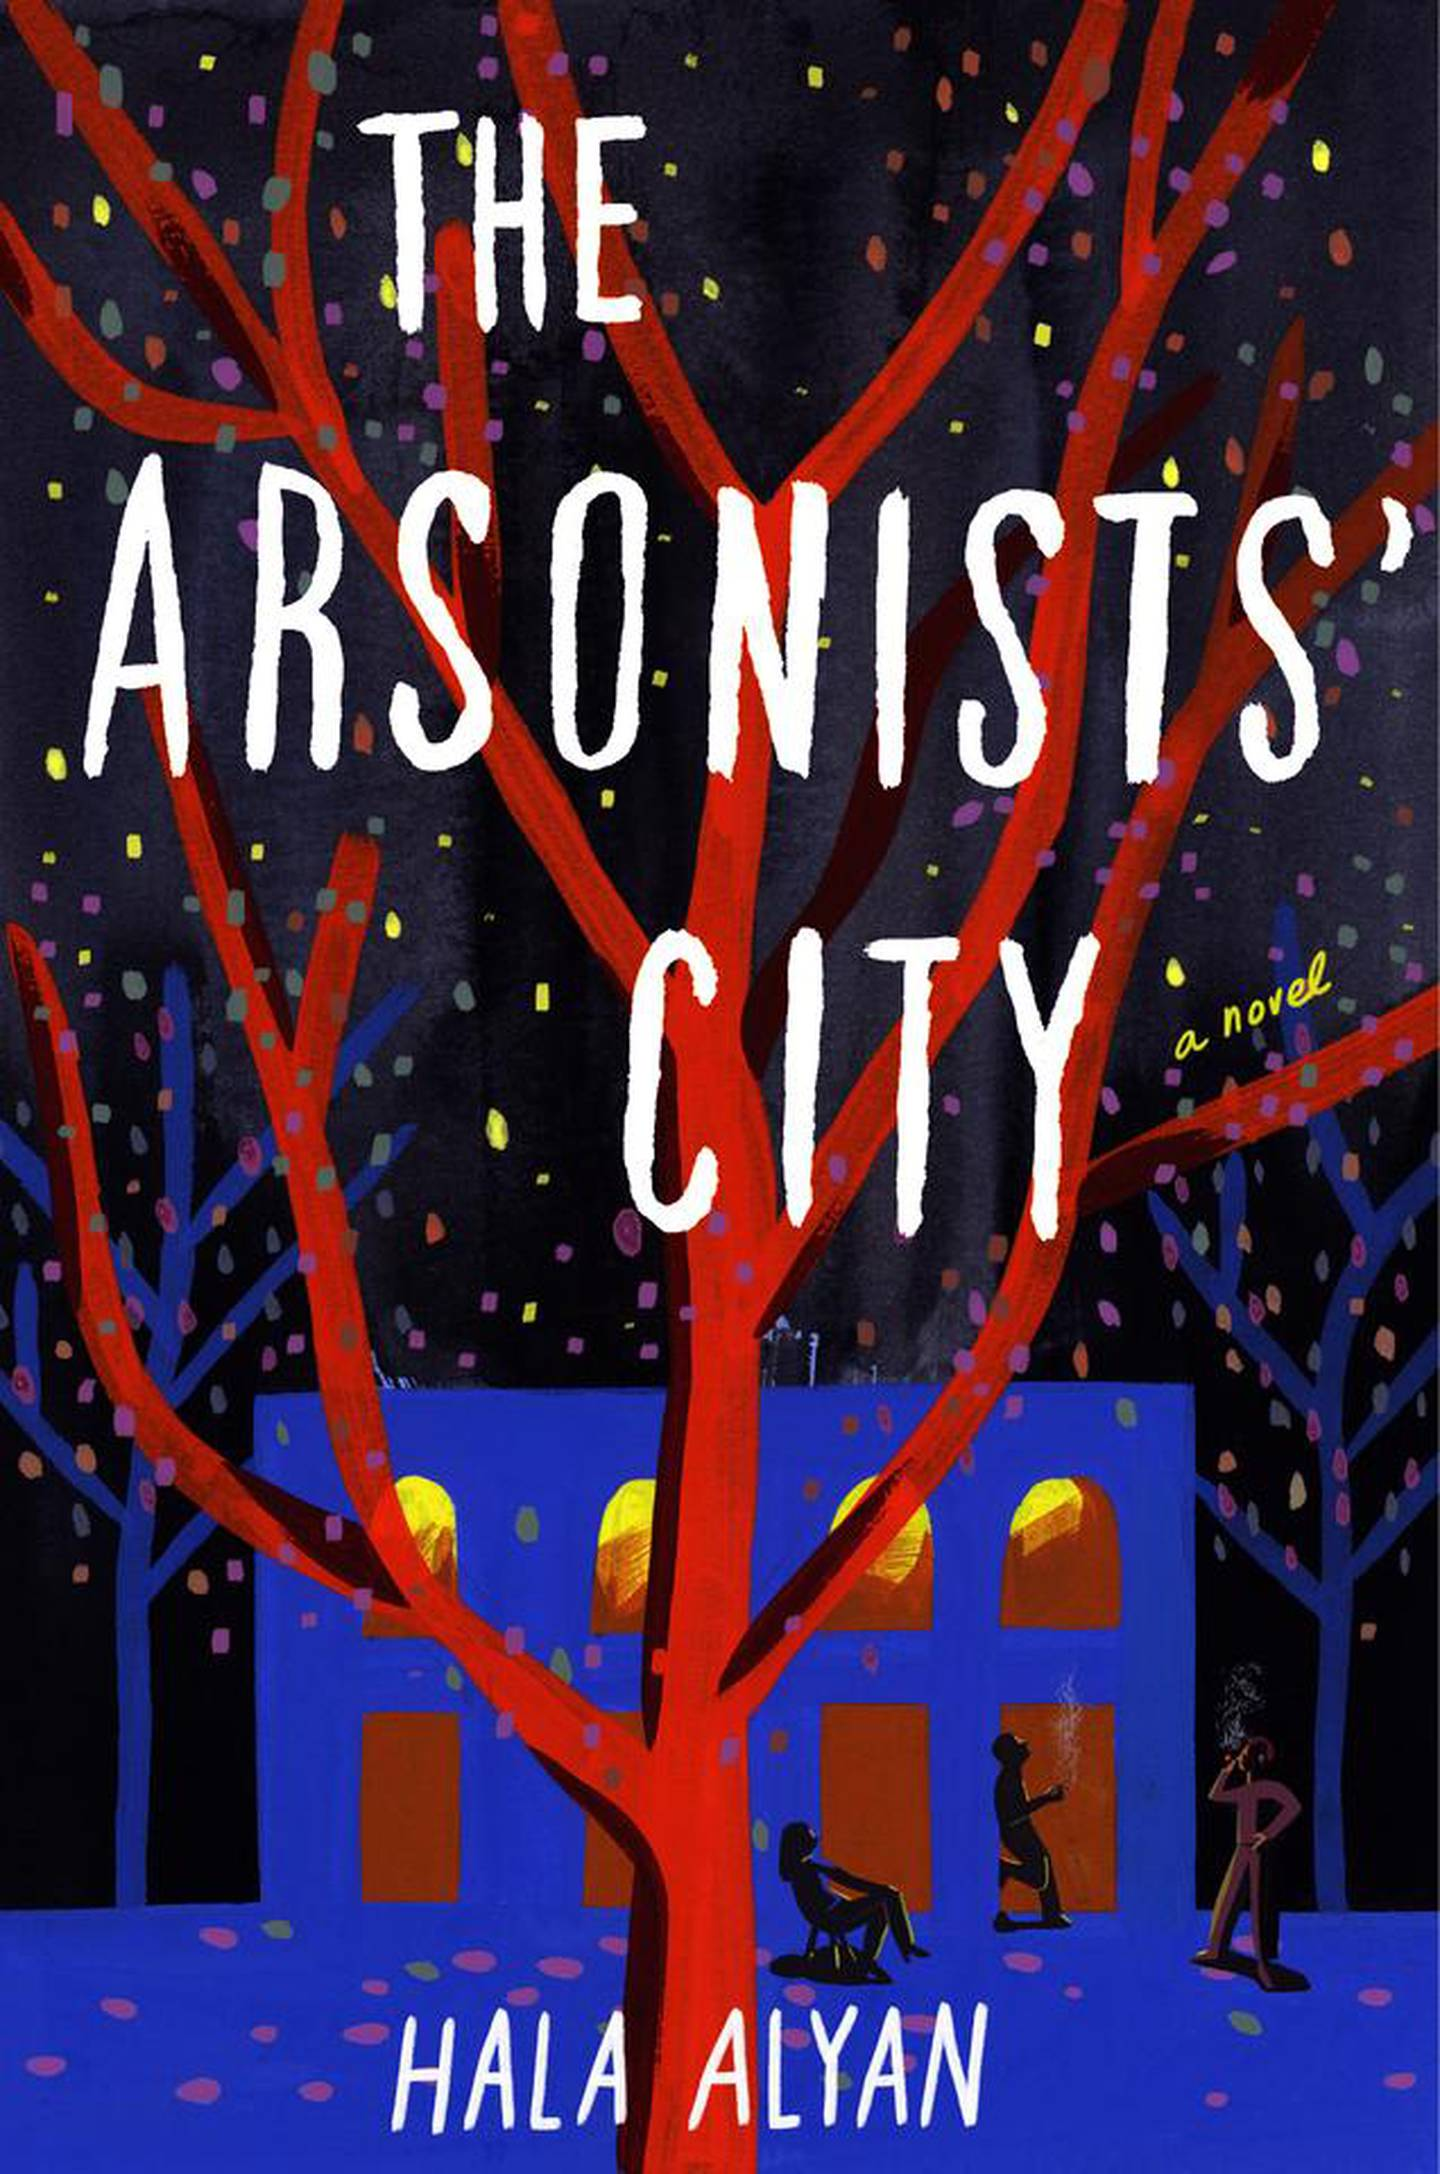 Arsonist city